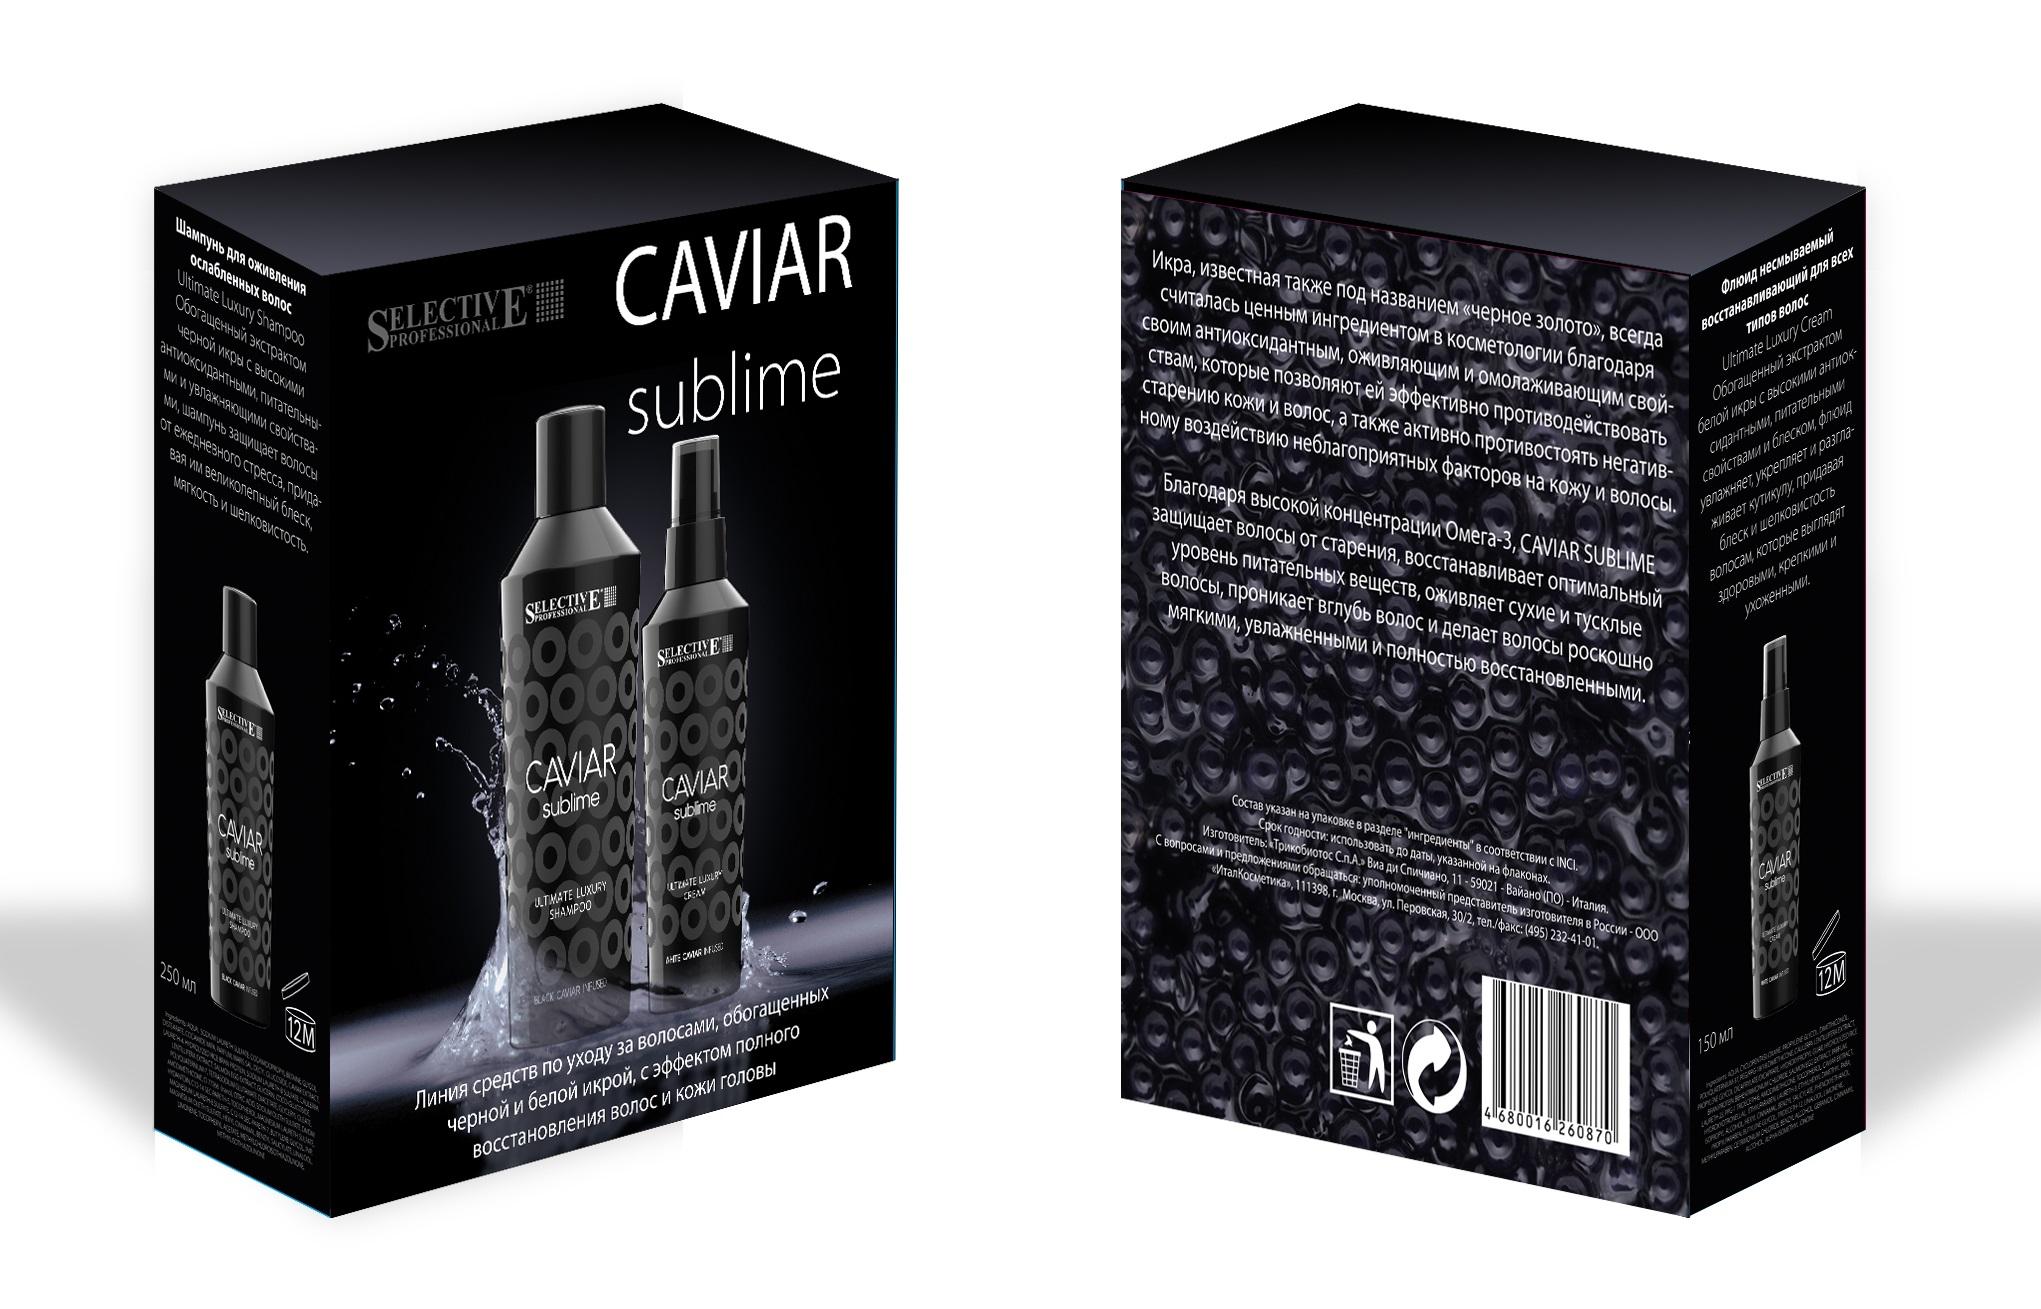 Набор для волос с экстрактом икры (шампунь 250 мл + флюид несмываемый 150 мл) CAVIAR SUBLIME